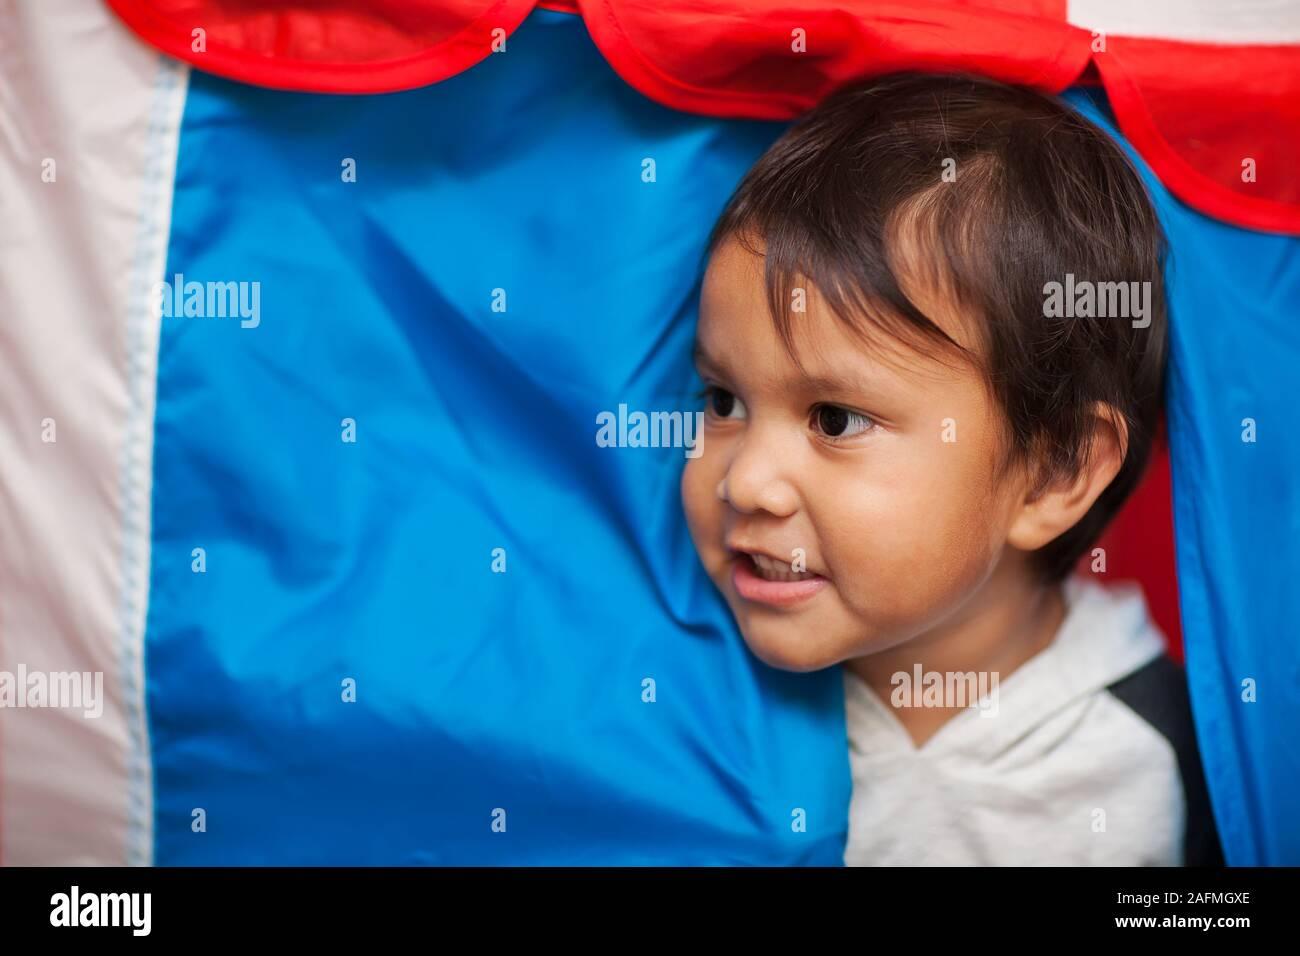 Das Gesicht der ein kleines Kind mit Wuscheligen Haaren, dazwischen der Eingang zu einem Spiel Zelt, die roten, weißen und blauen Farbtönen. Stockfoto